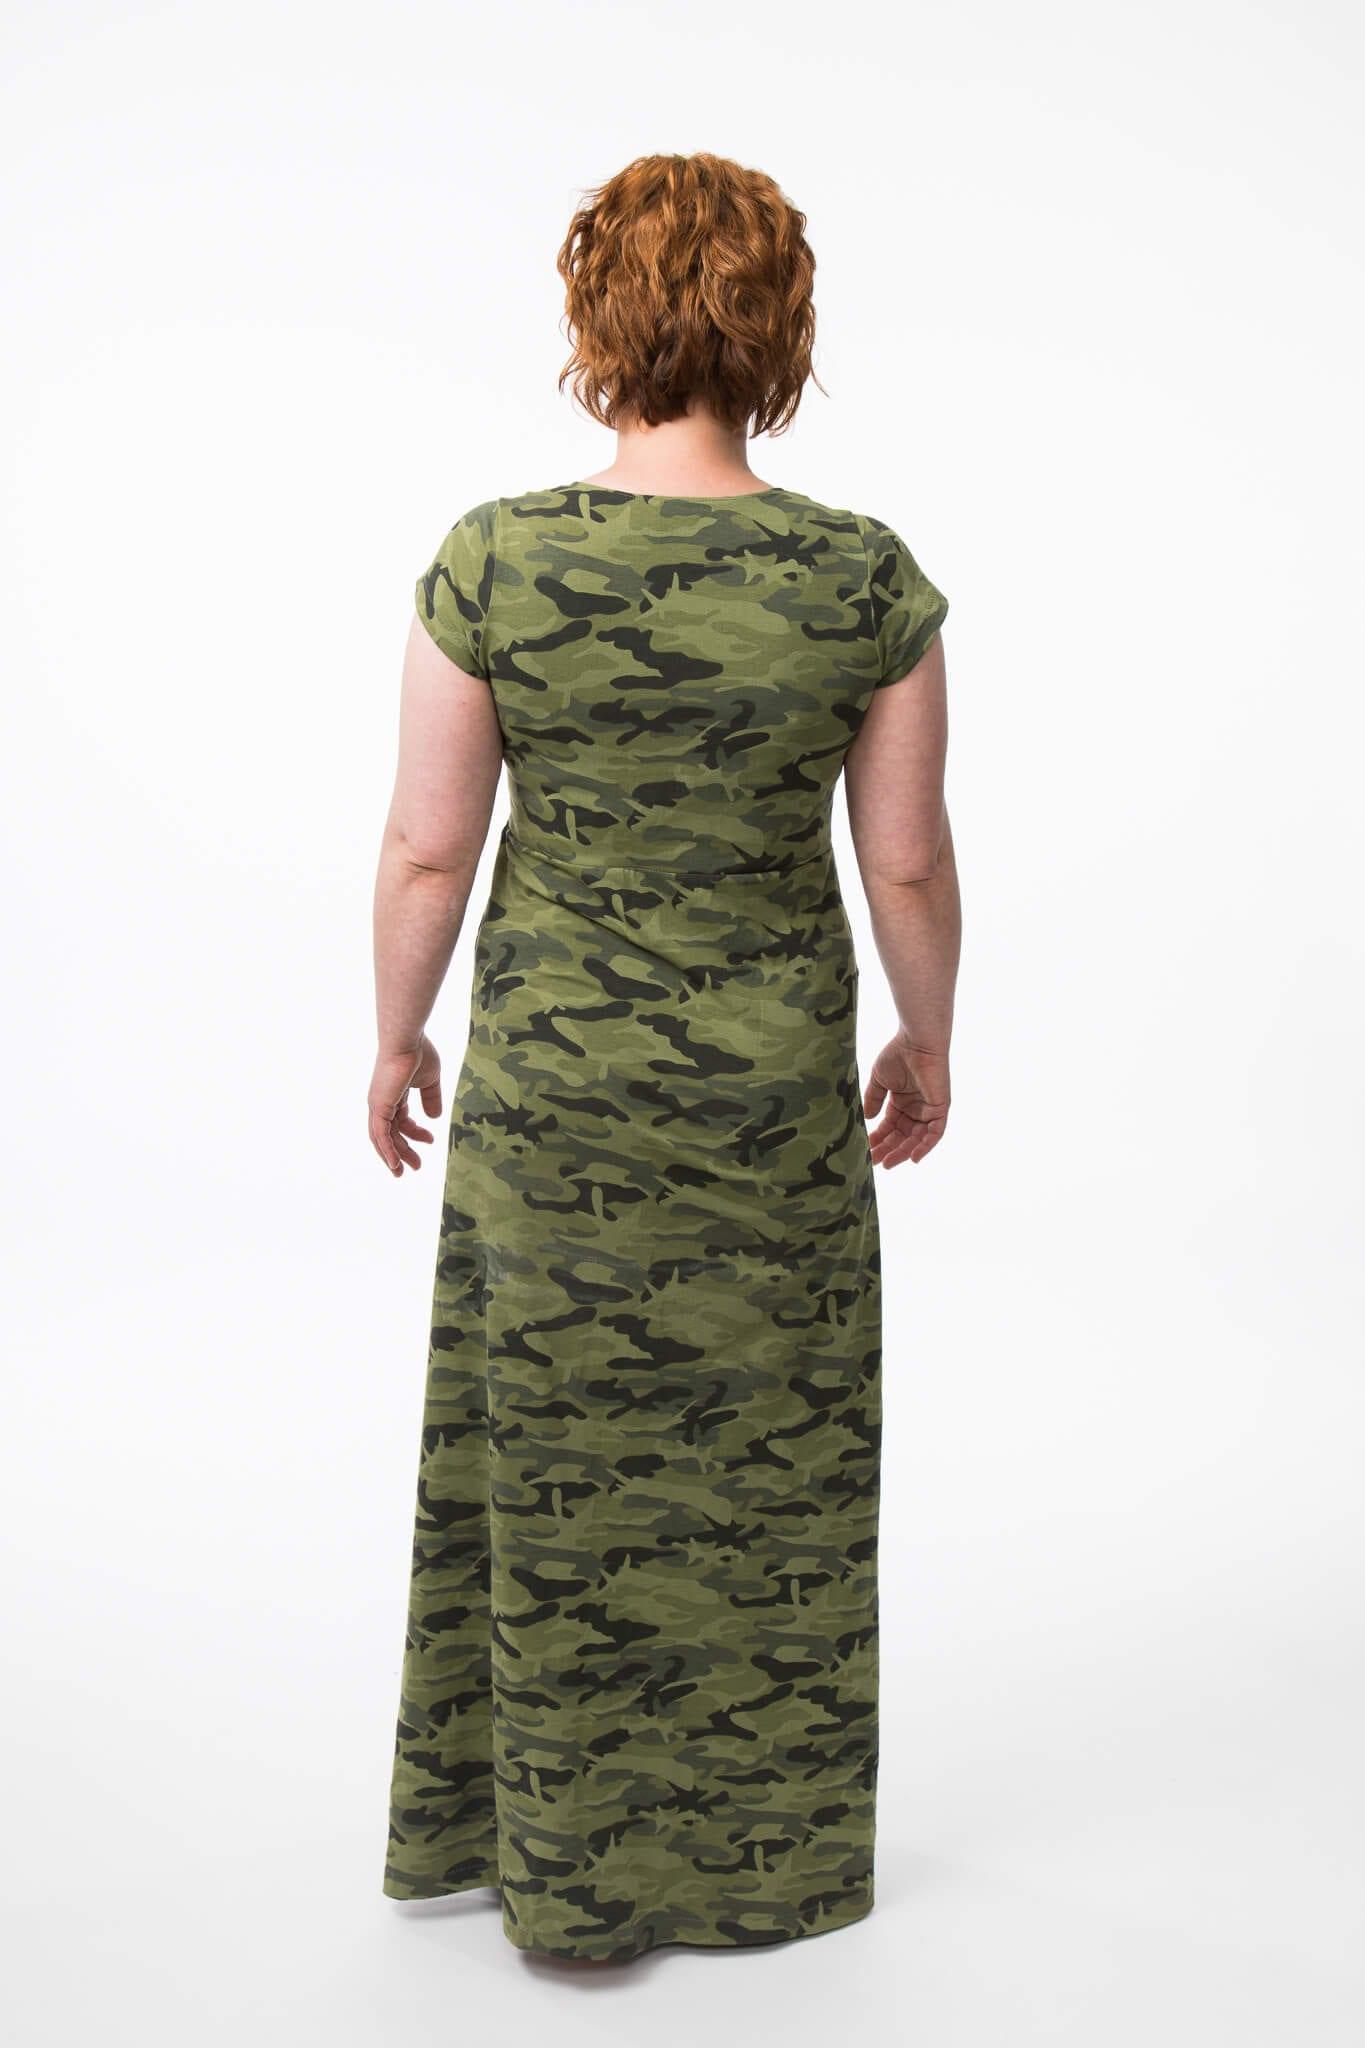 Oman minimallistoni kaavat nro. 2 - Merinovillainen mekko aka. kokovartalovillasukka